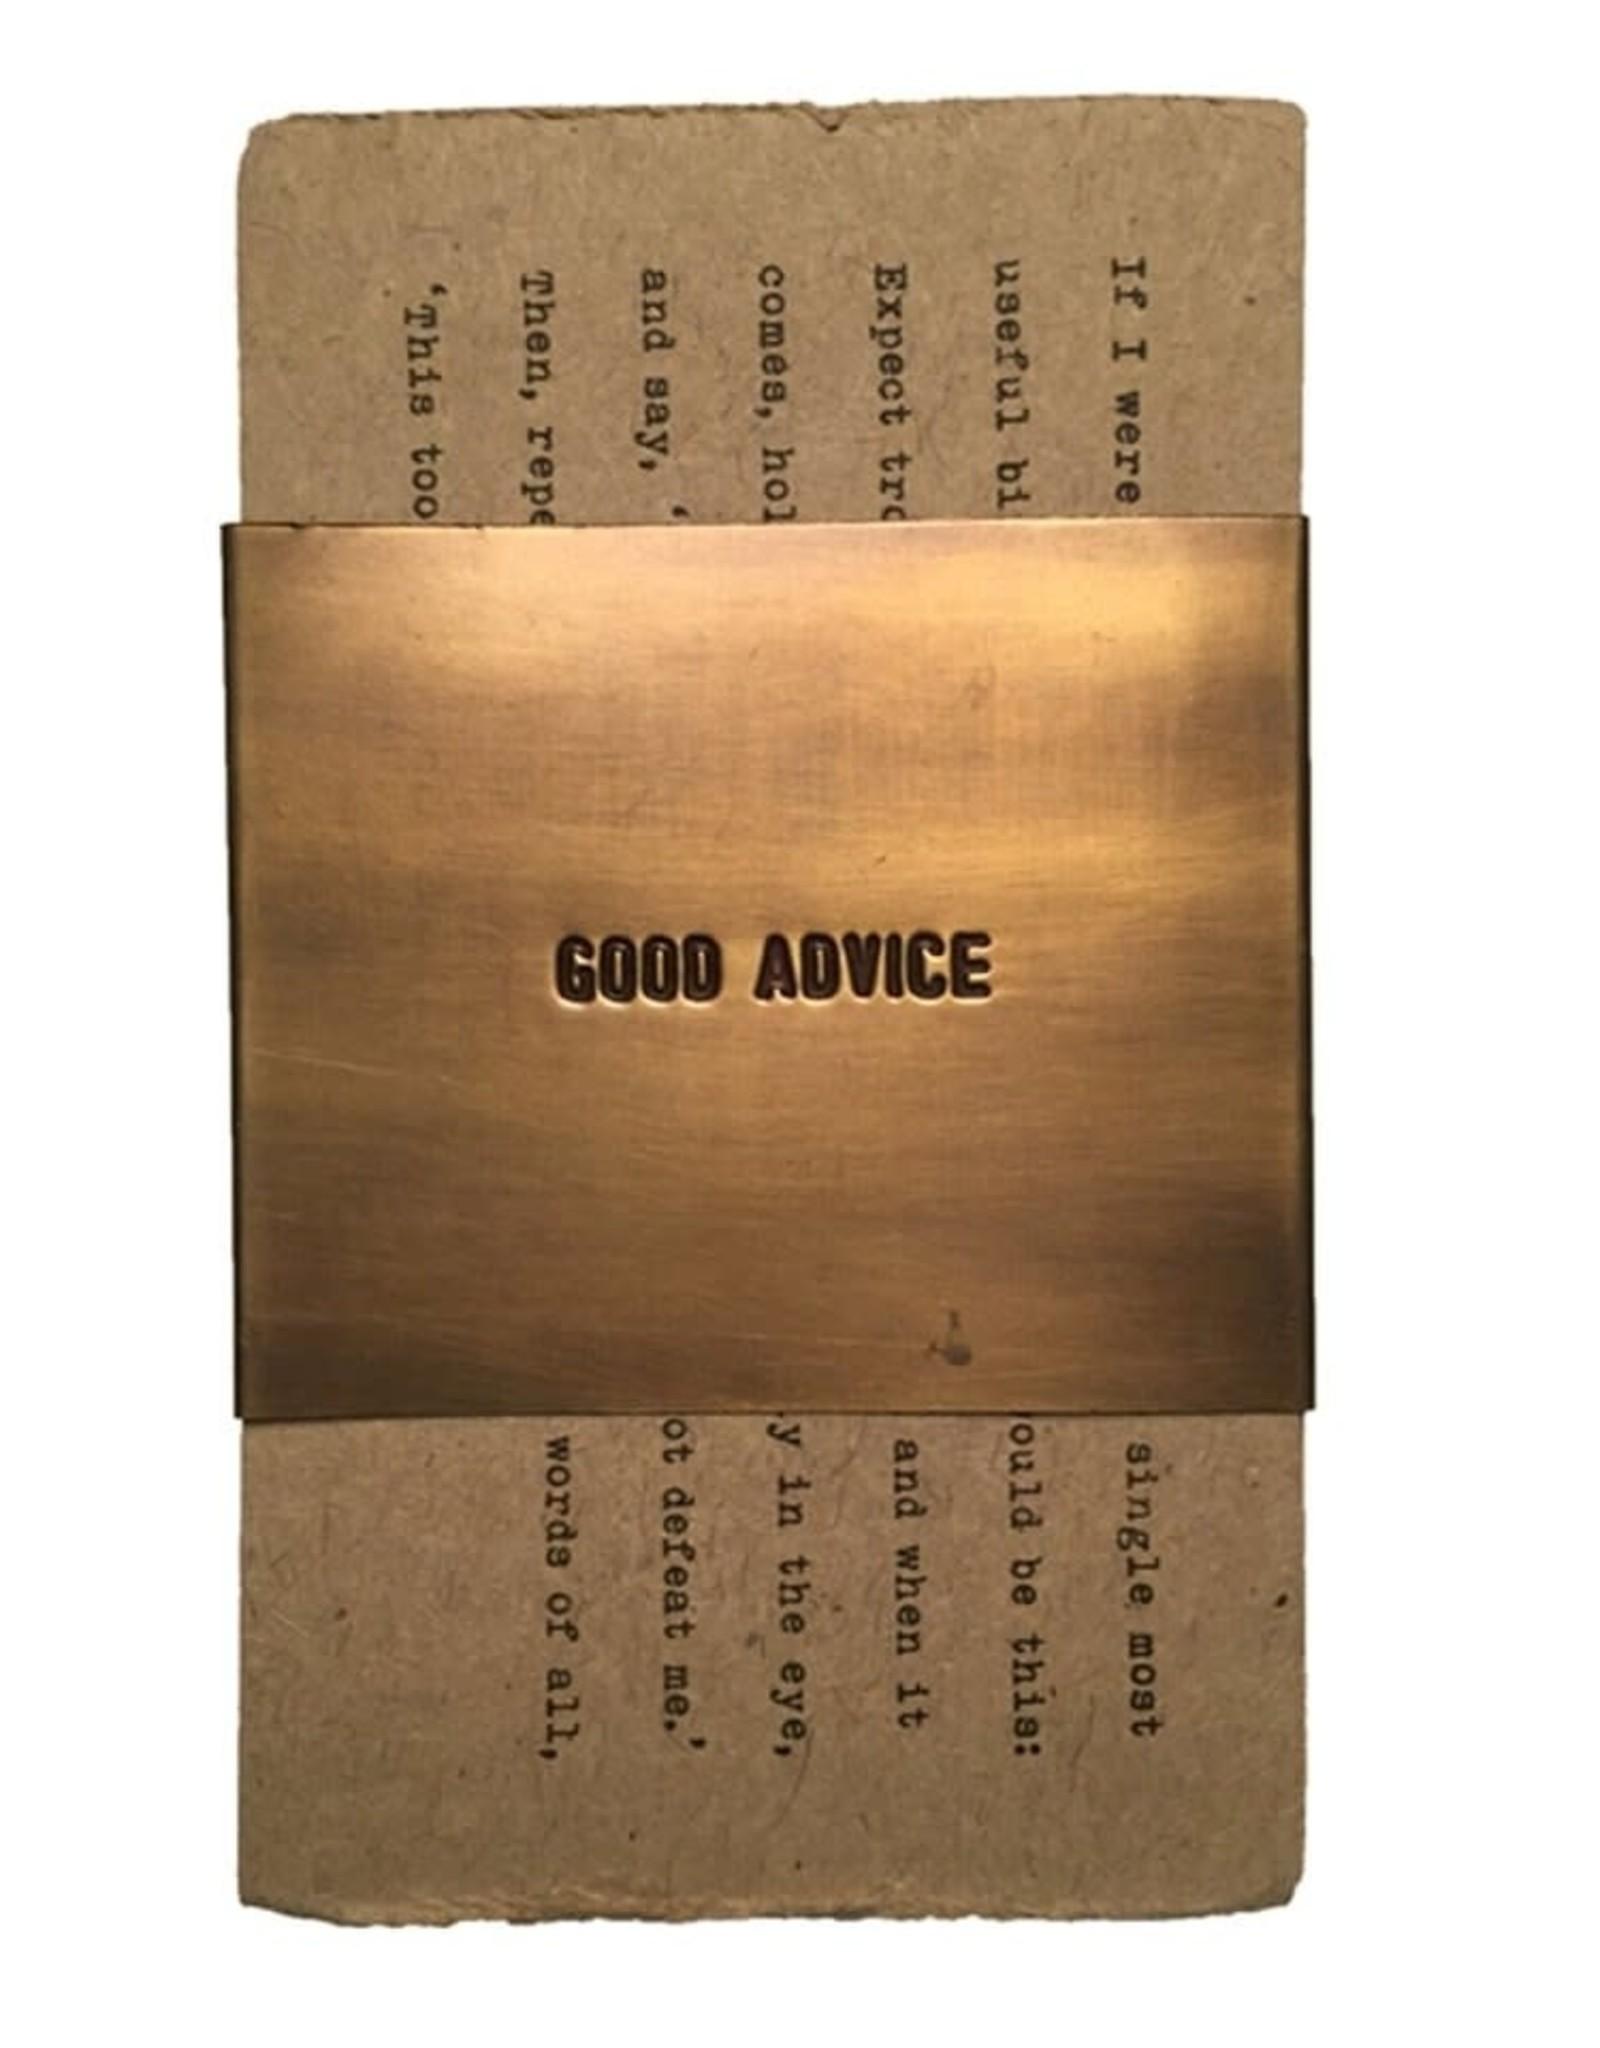 SB-Co Gathered Truths-Good Advice